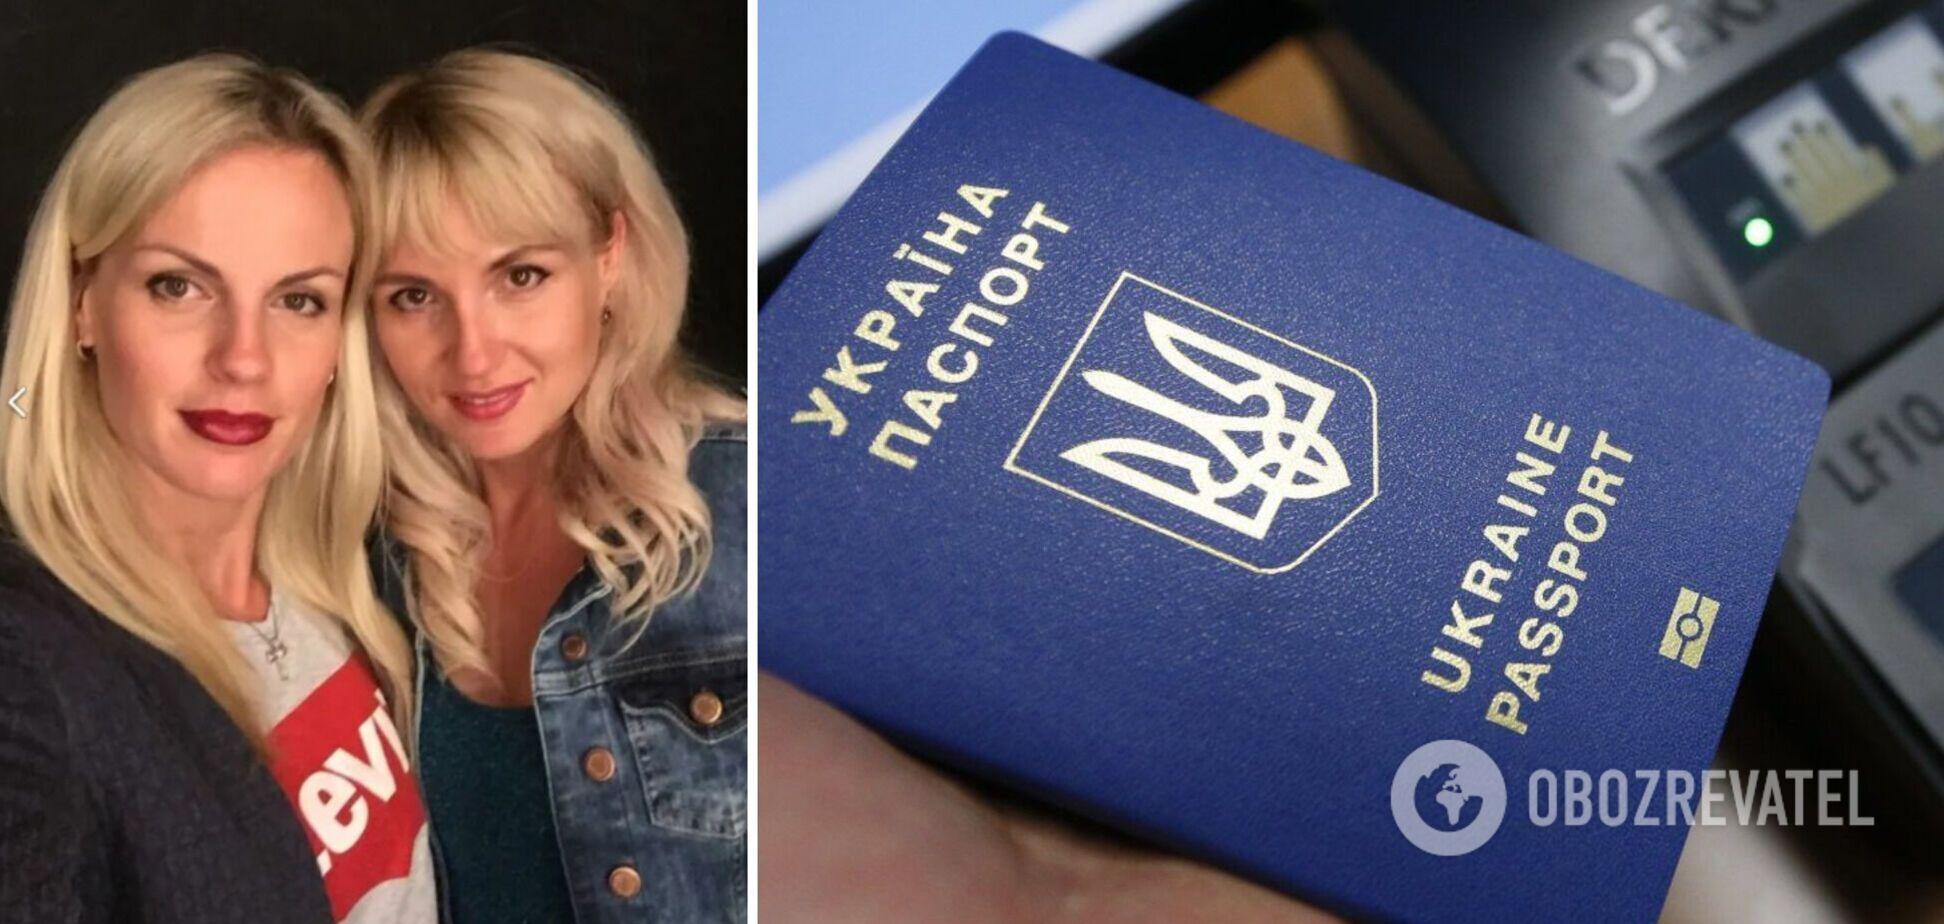 Журналістка розповіла про сестер, які влаштували скандал із паспортами в Харкові: чоловік однієї з них – прихильник 'ДНР'